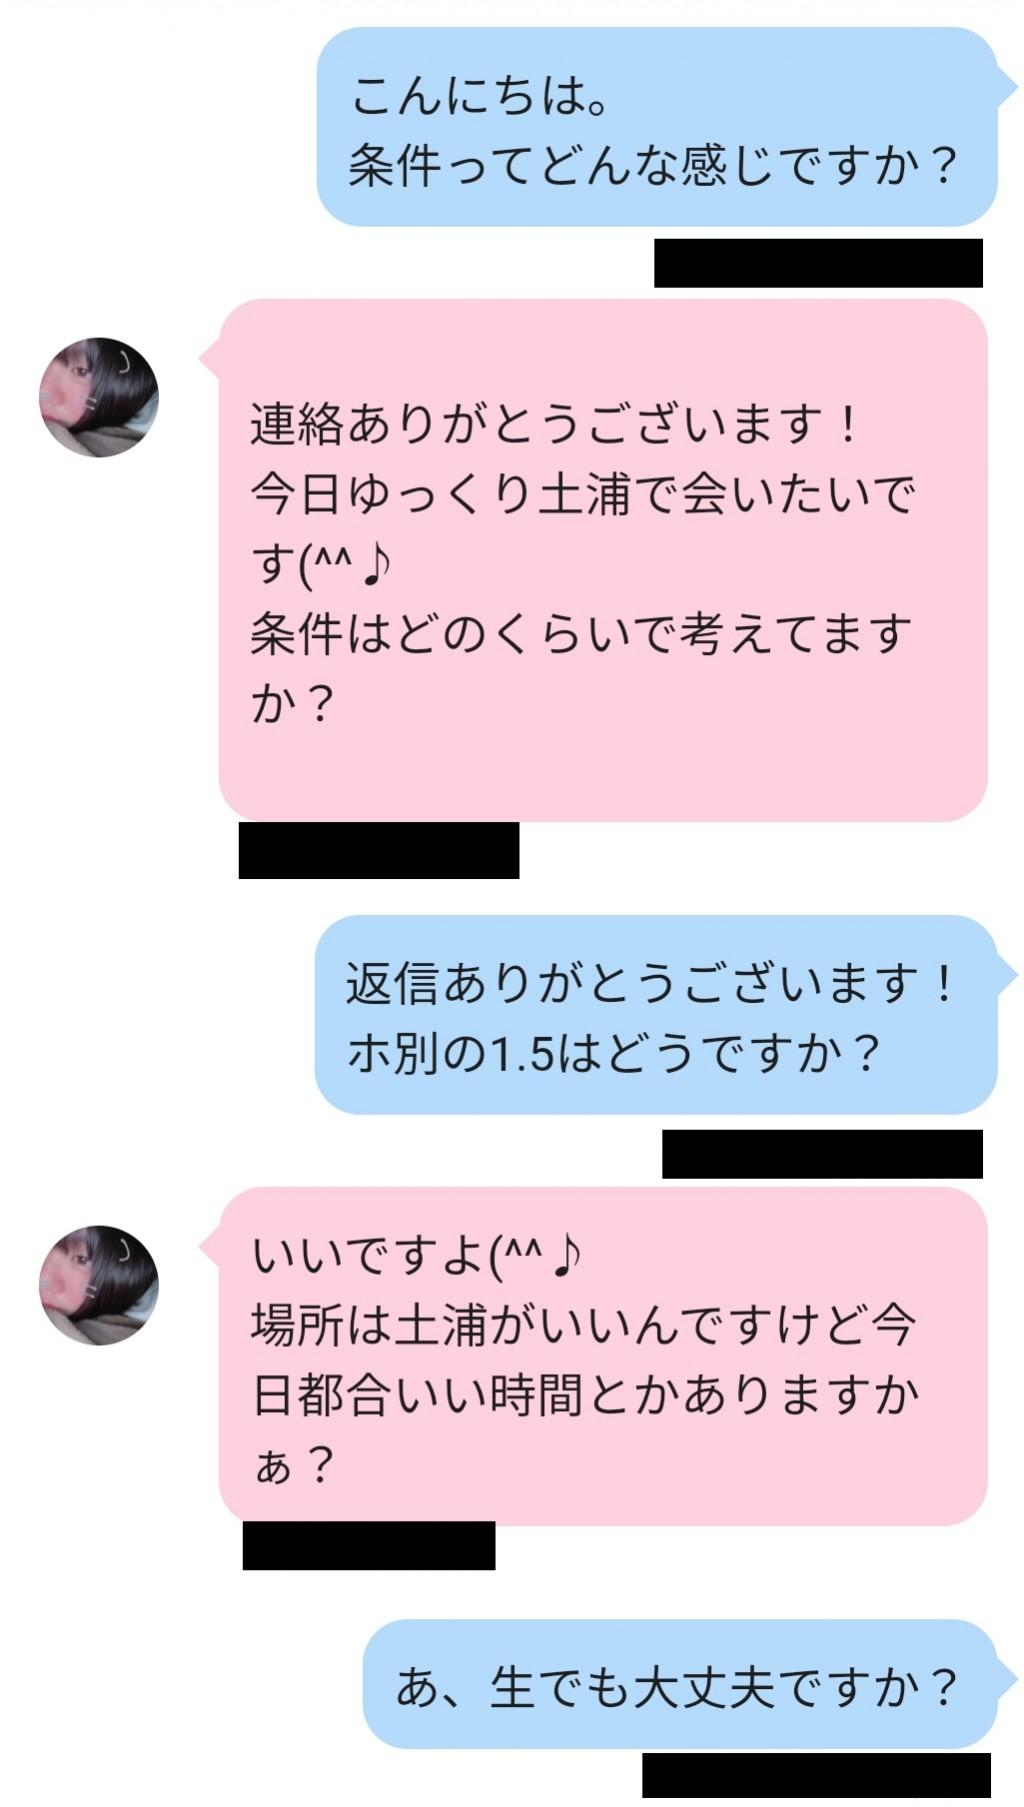 土浦の出会い系でのメッセージのやり取り